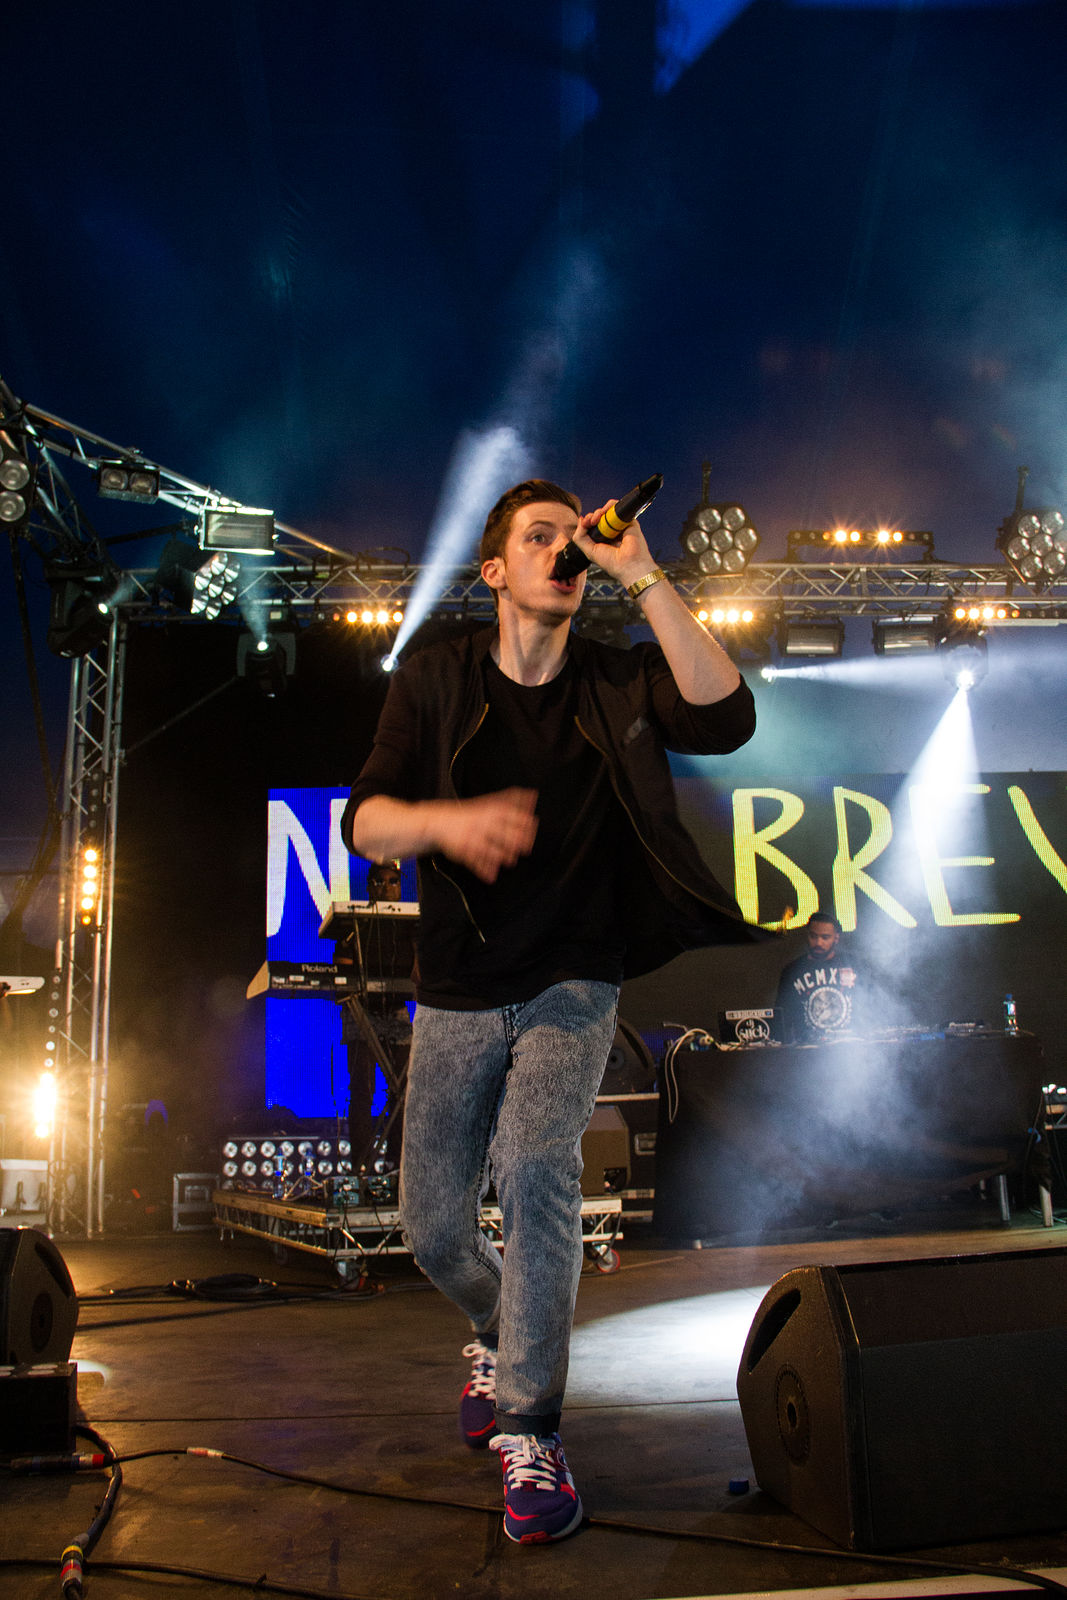 Nickbrewer